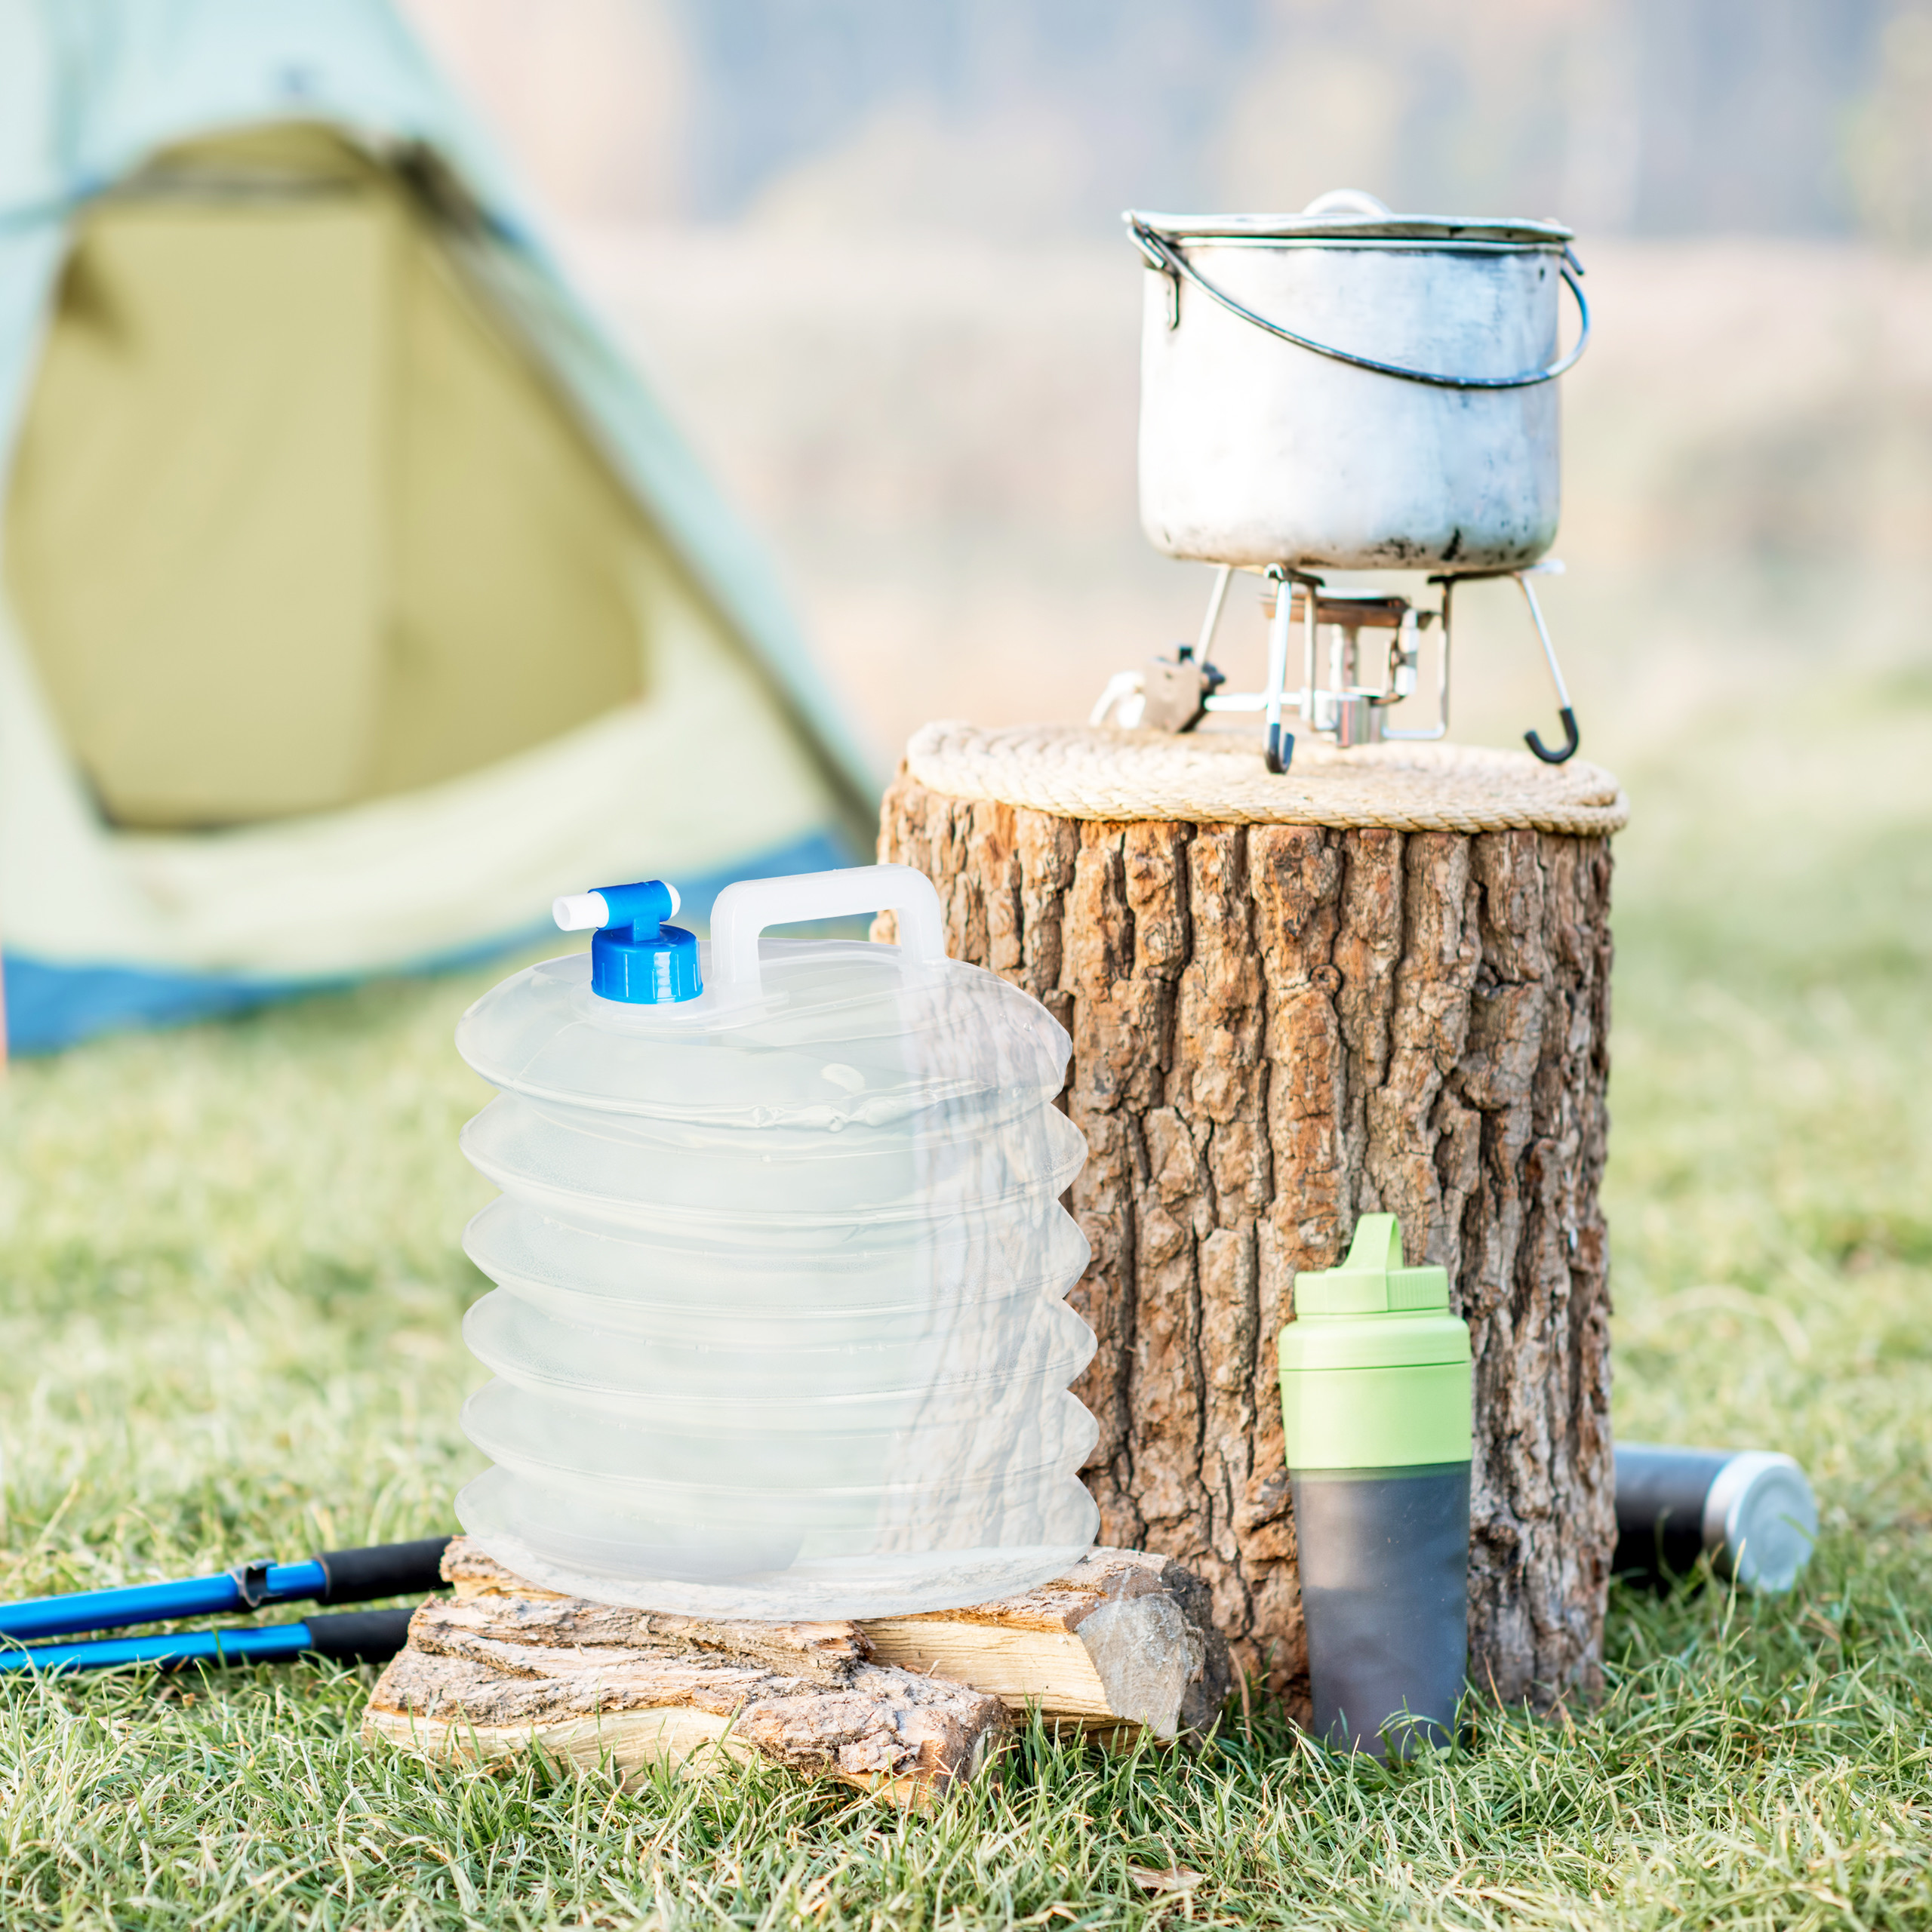 Indexbild 20 - Wasserkanister faltbar 4er Set Faltkanister Camping Trinkwasserkanister BPA frei